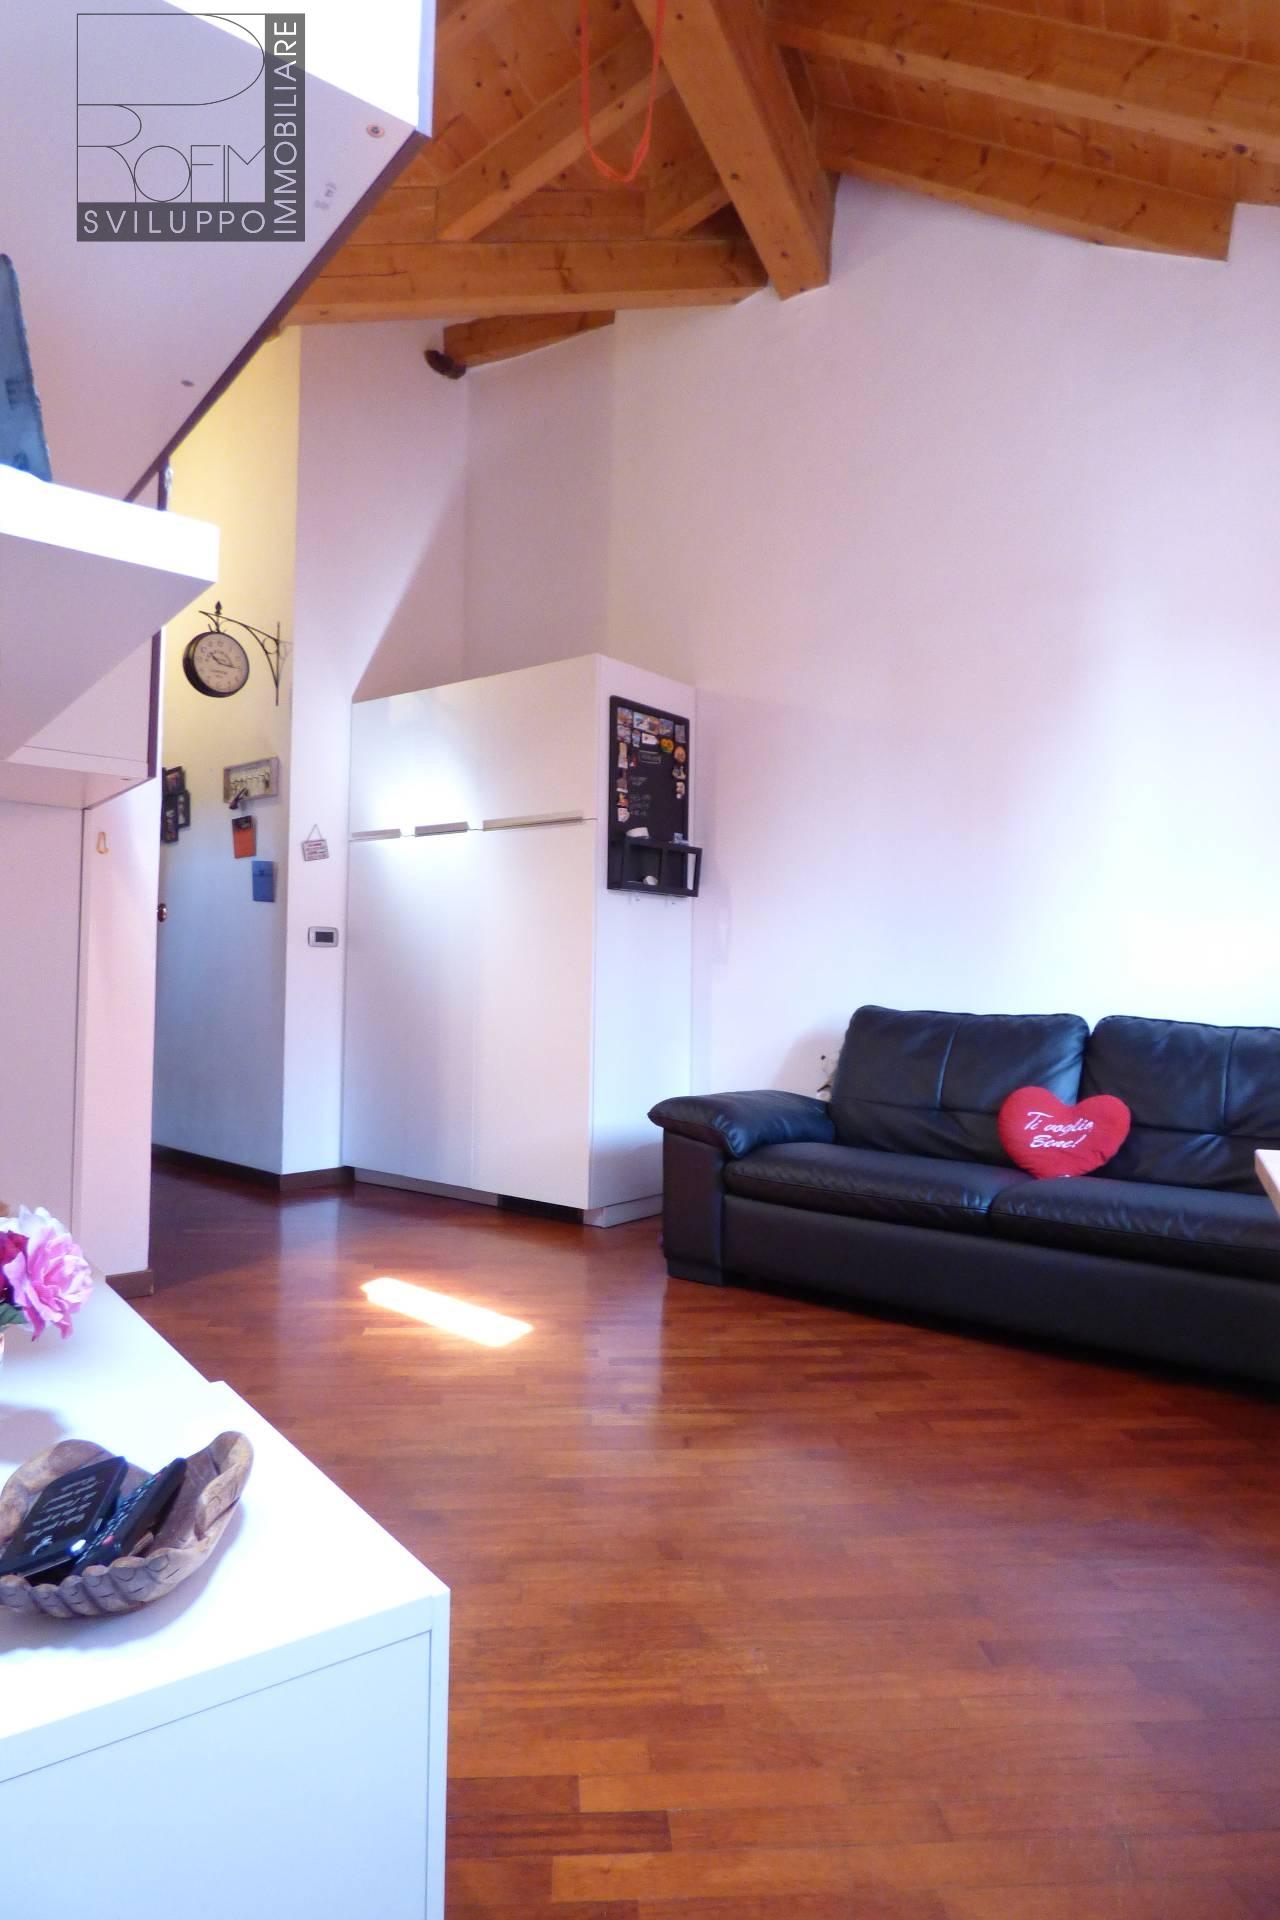 Appartamento in vendita a Mulazzano, 2 locali, zona Zona: Quartiano, prezzo € 82.000 | Cambio Casa.it